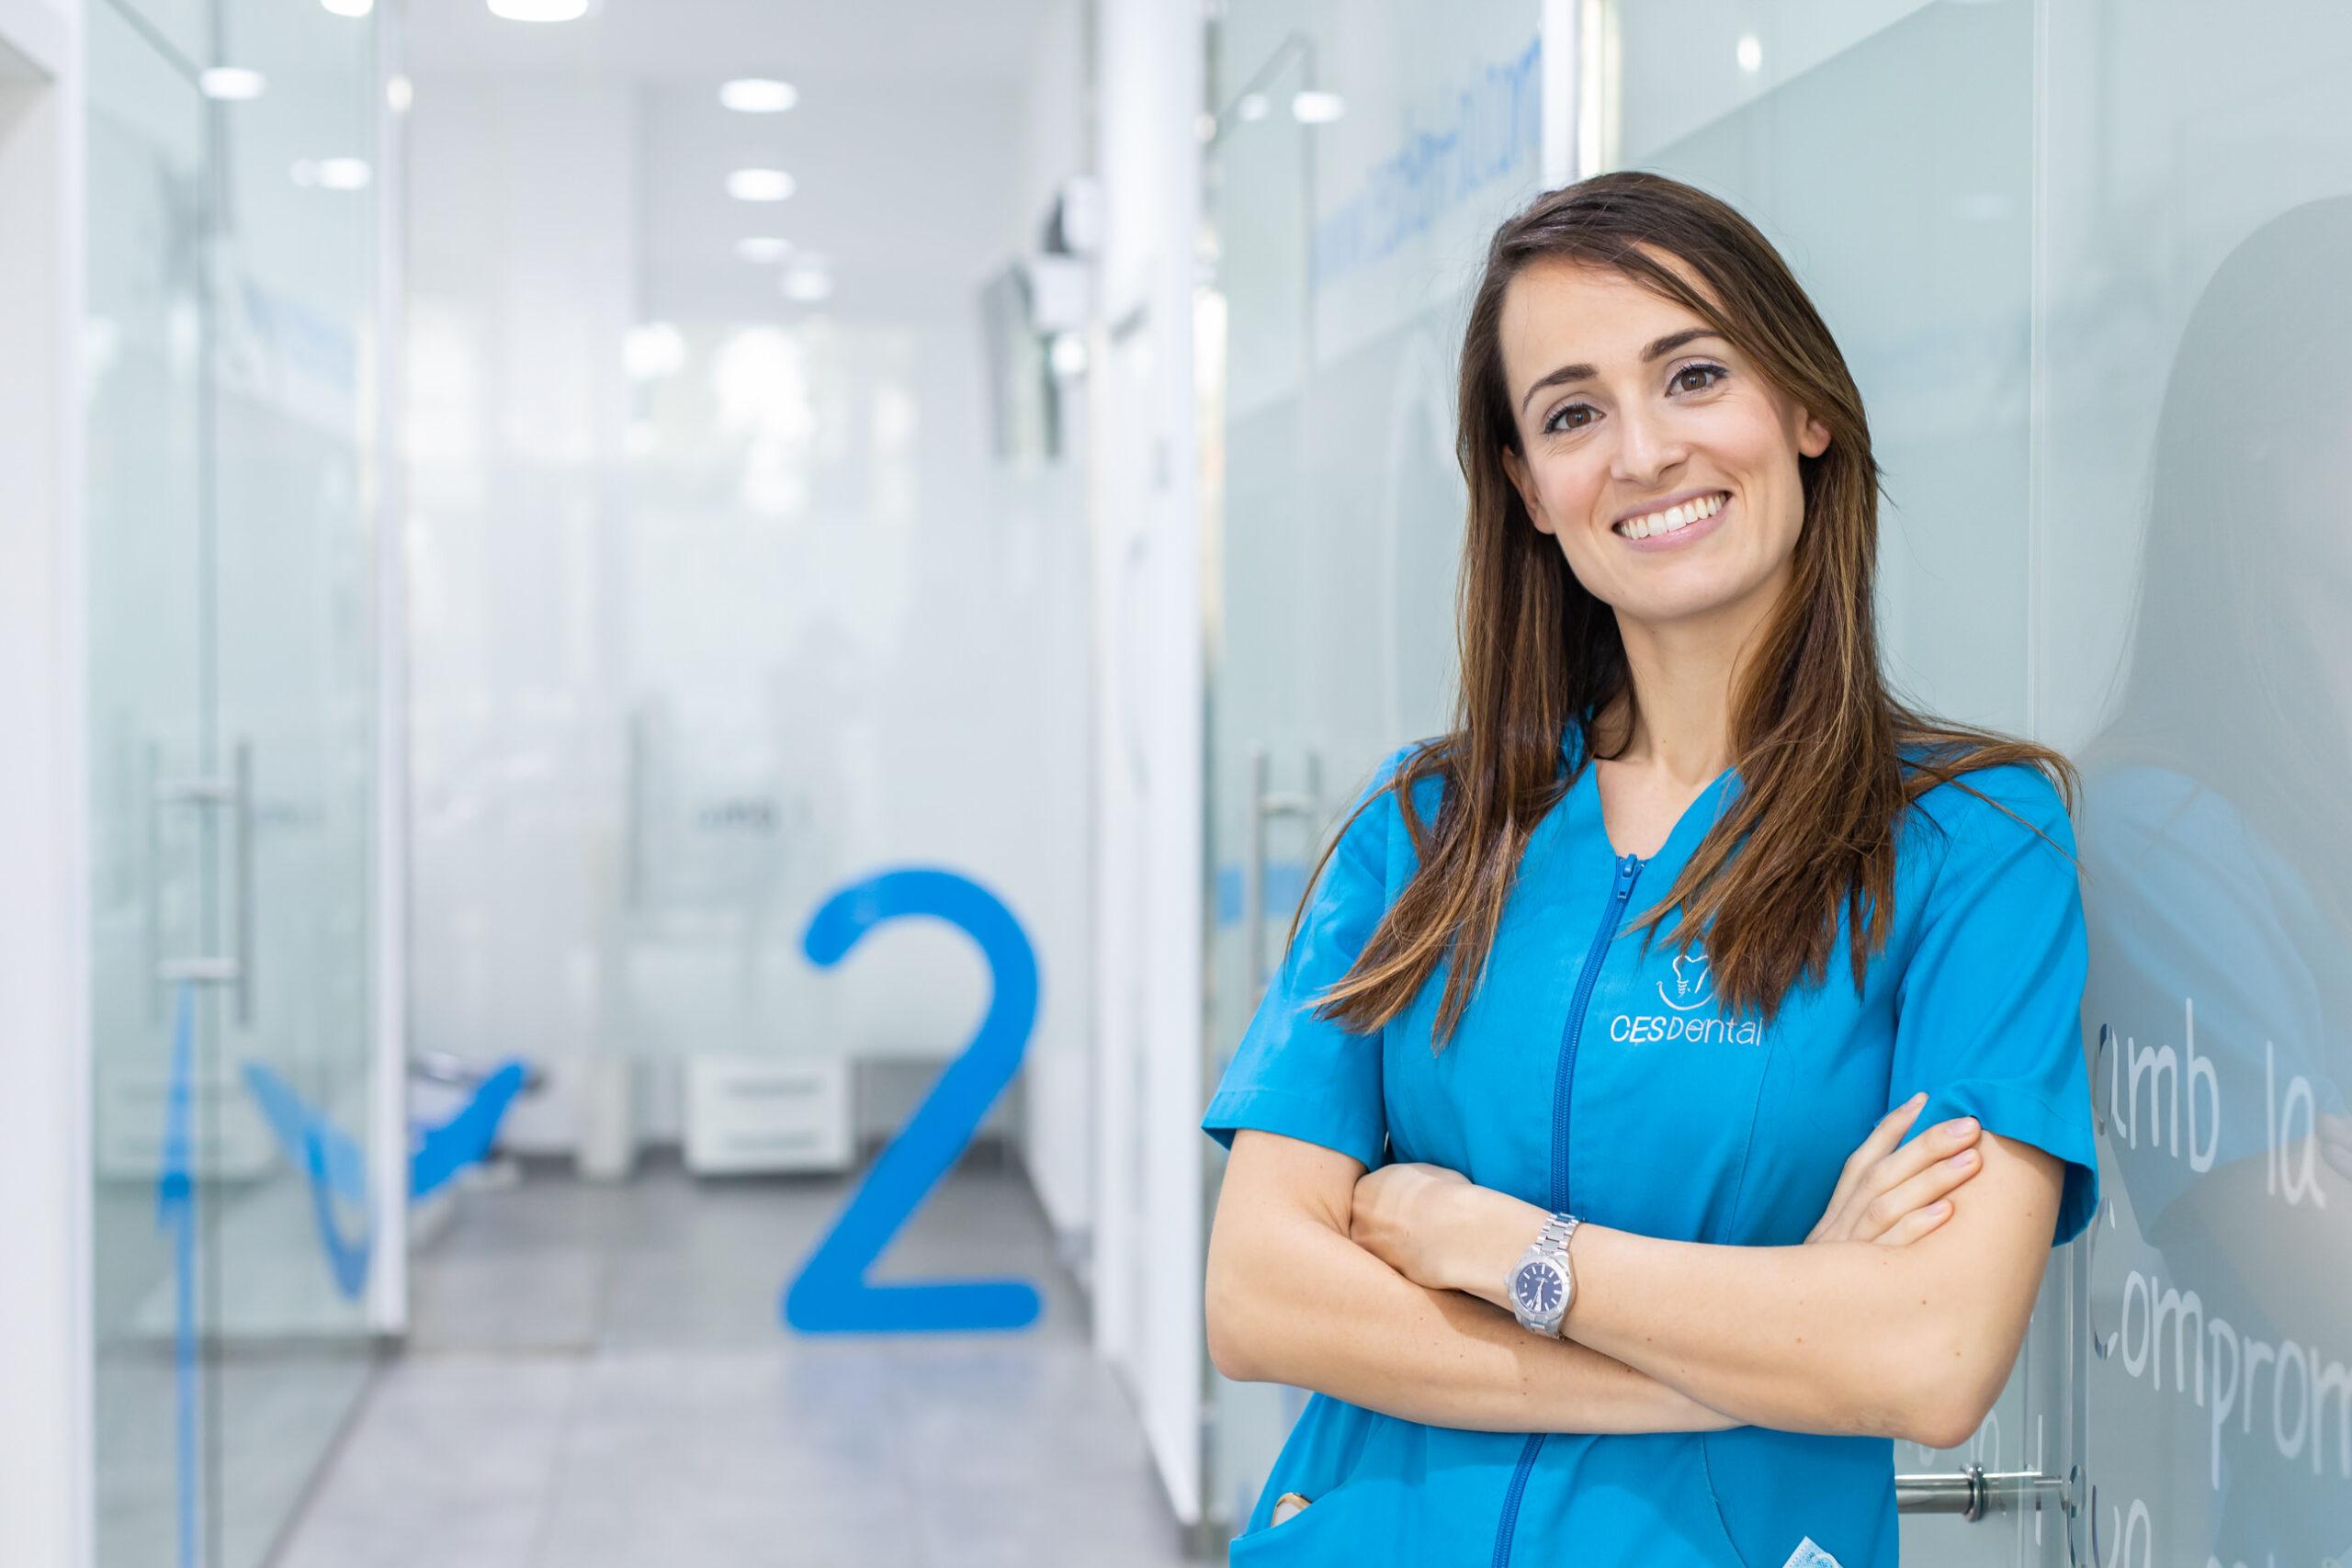 clínica dental en Godella - foto de Marta Lopez